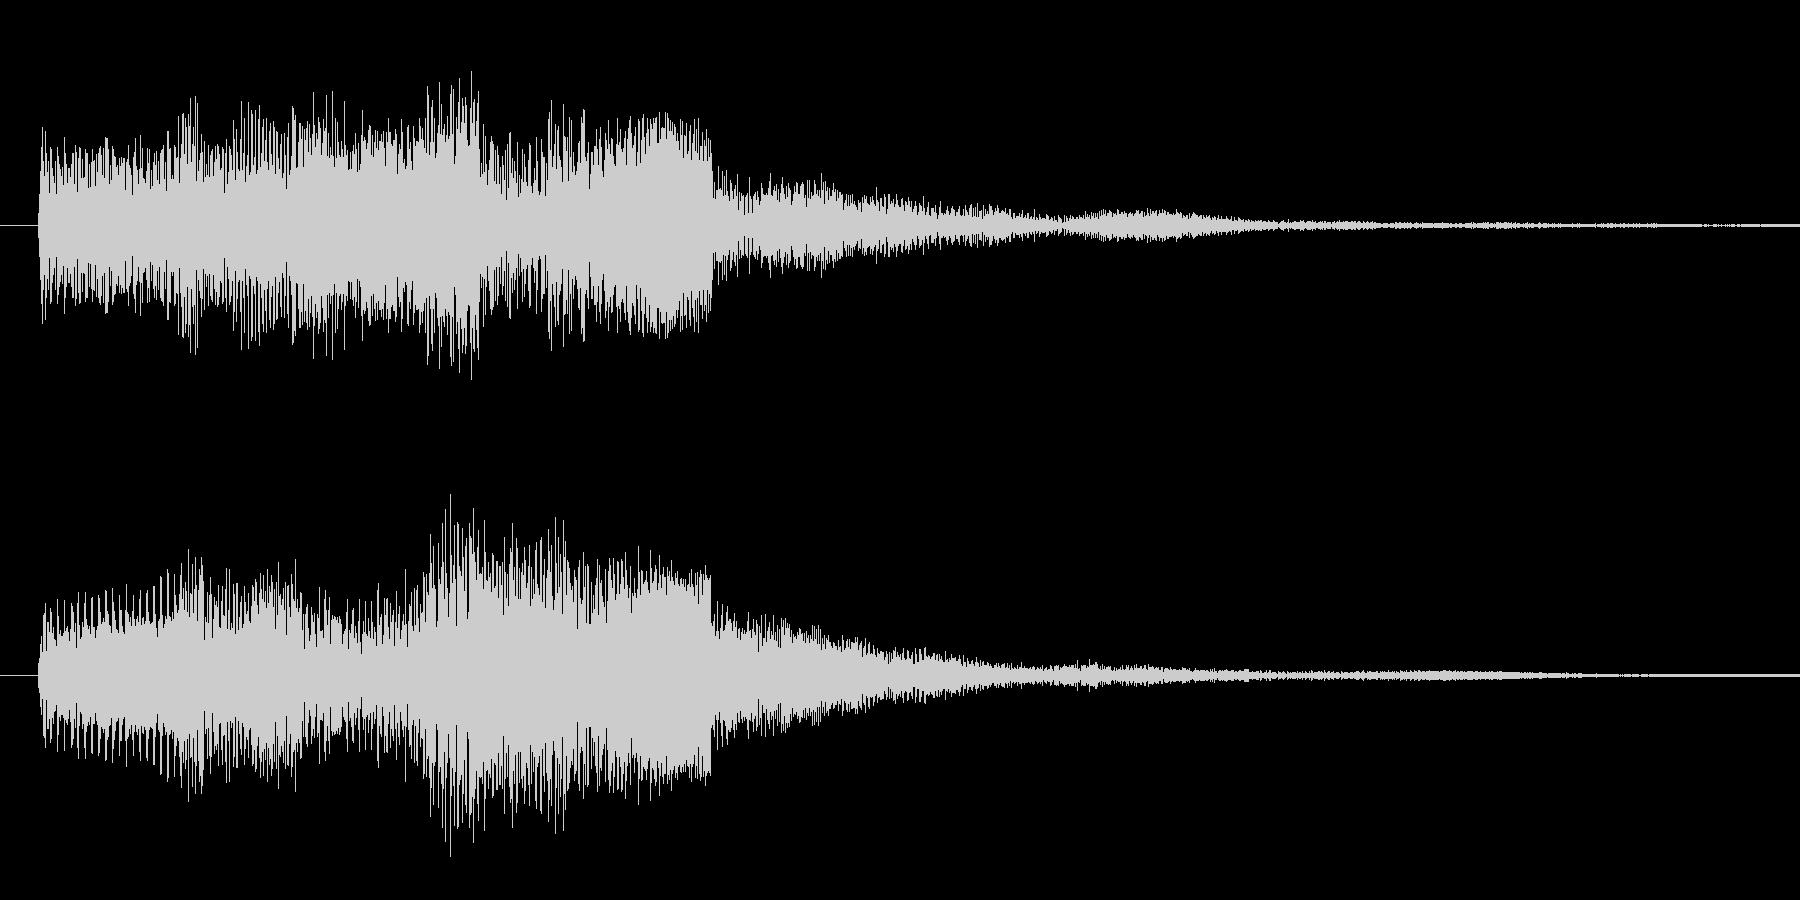 ドゥリリリ 2の未再生の波形